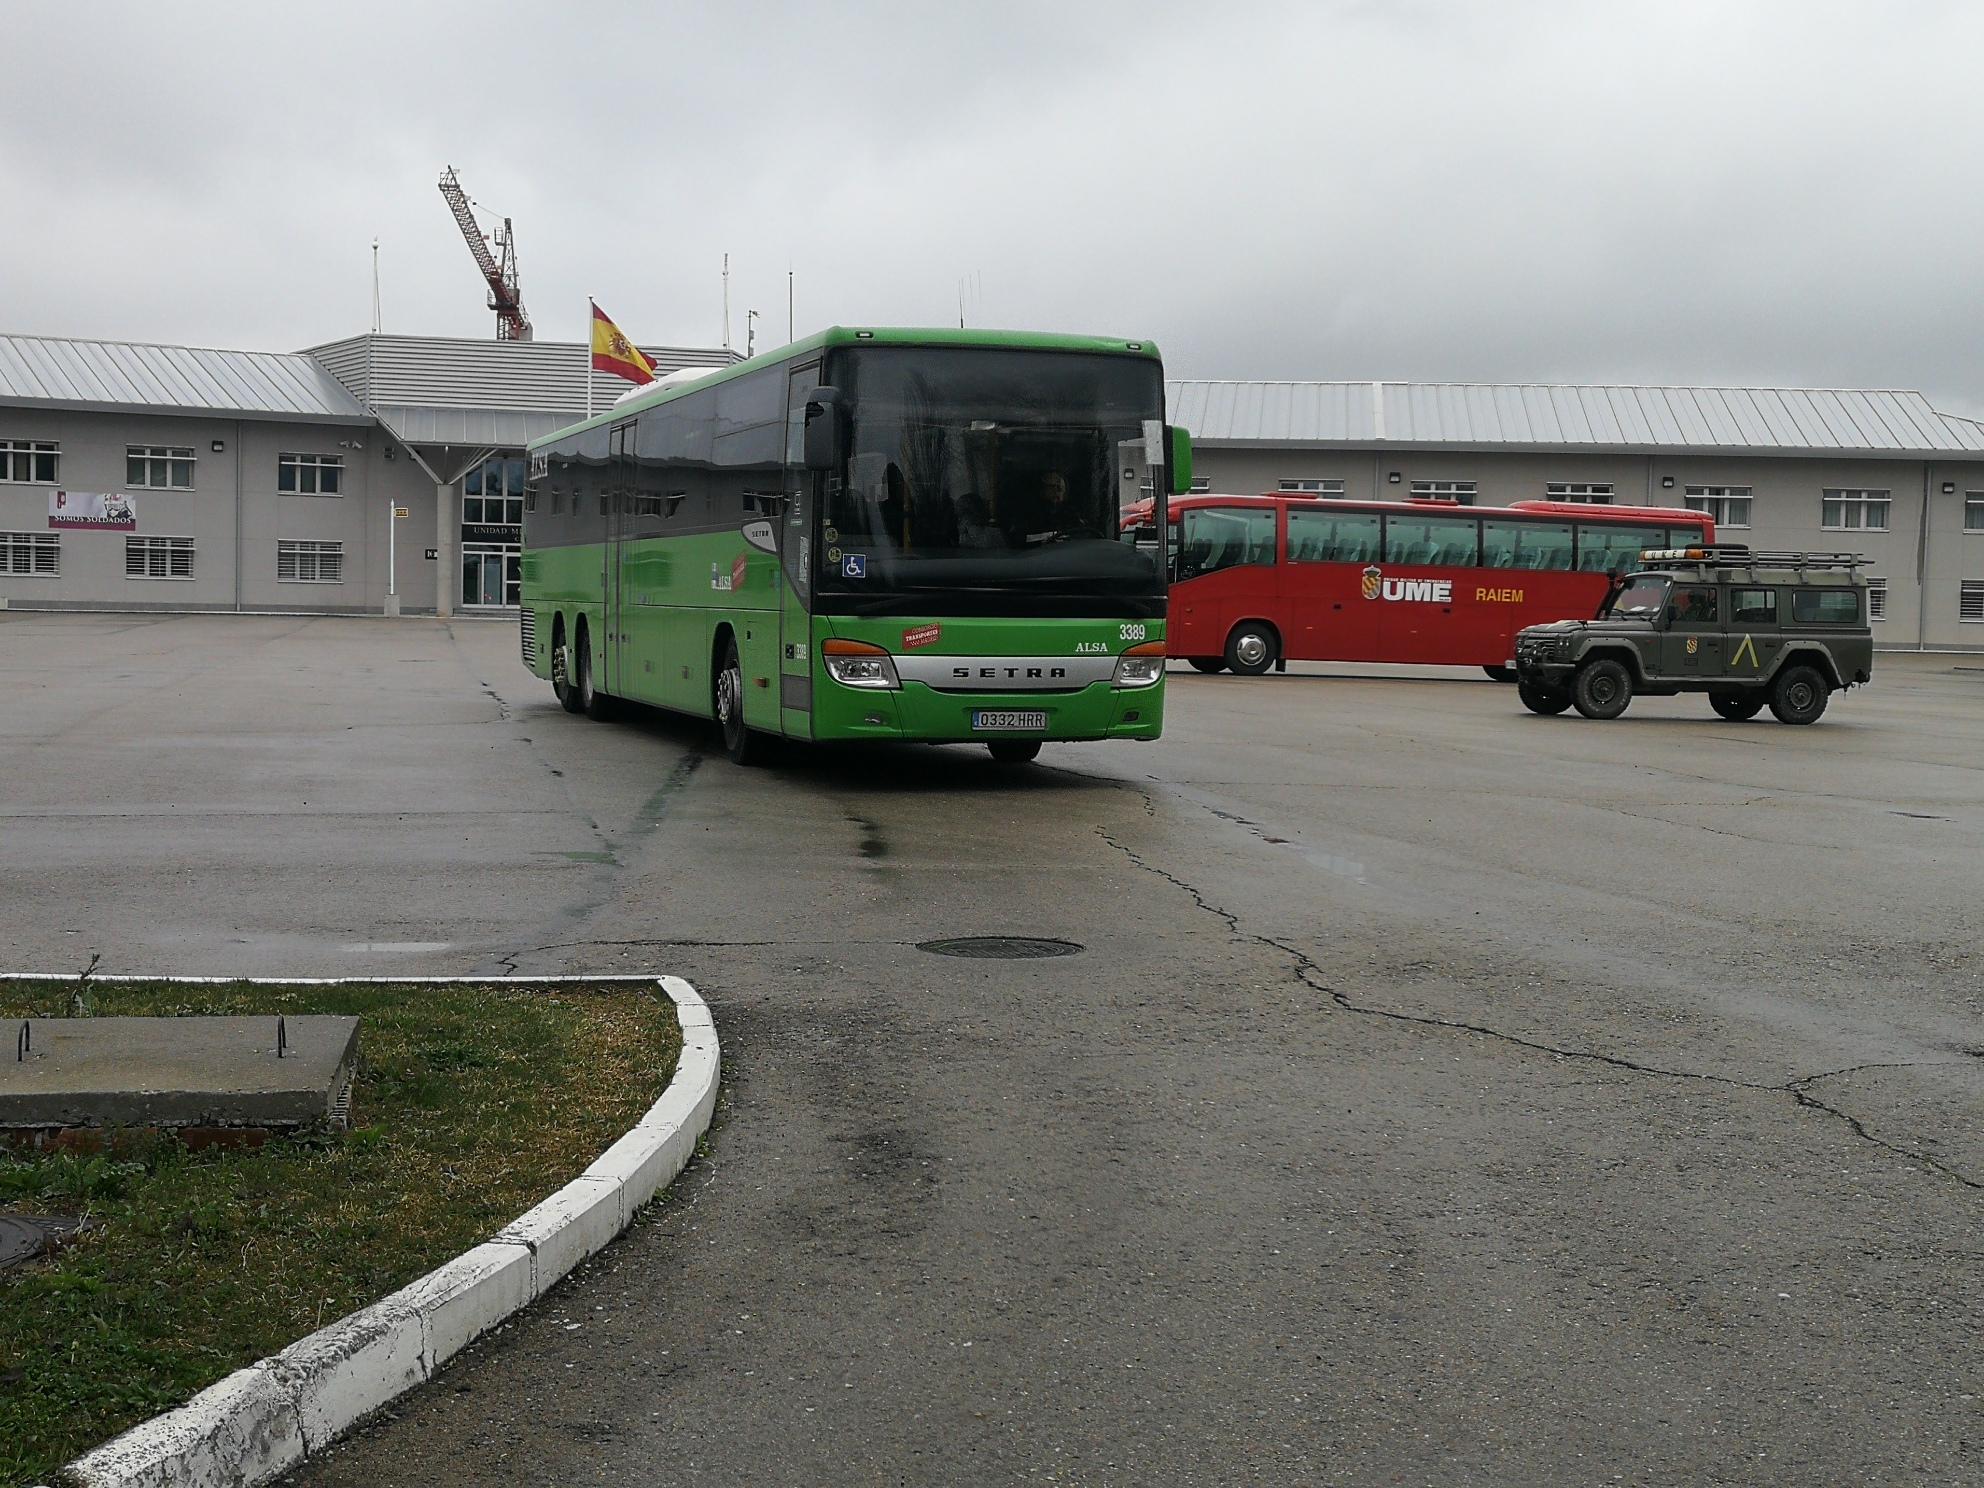 Alsa cede los autobuses de León a la UME para el traslado de enfermos